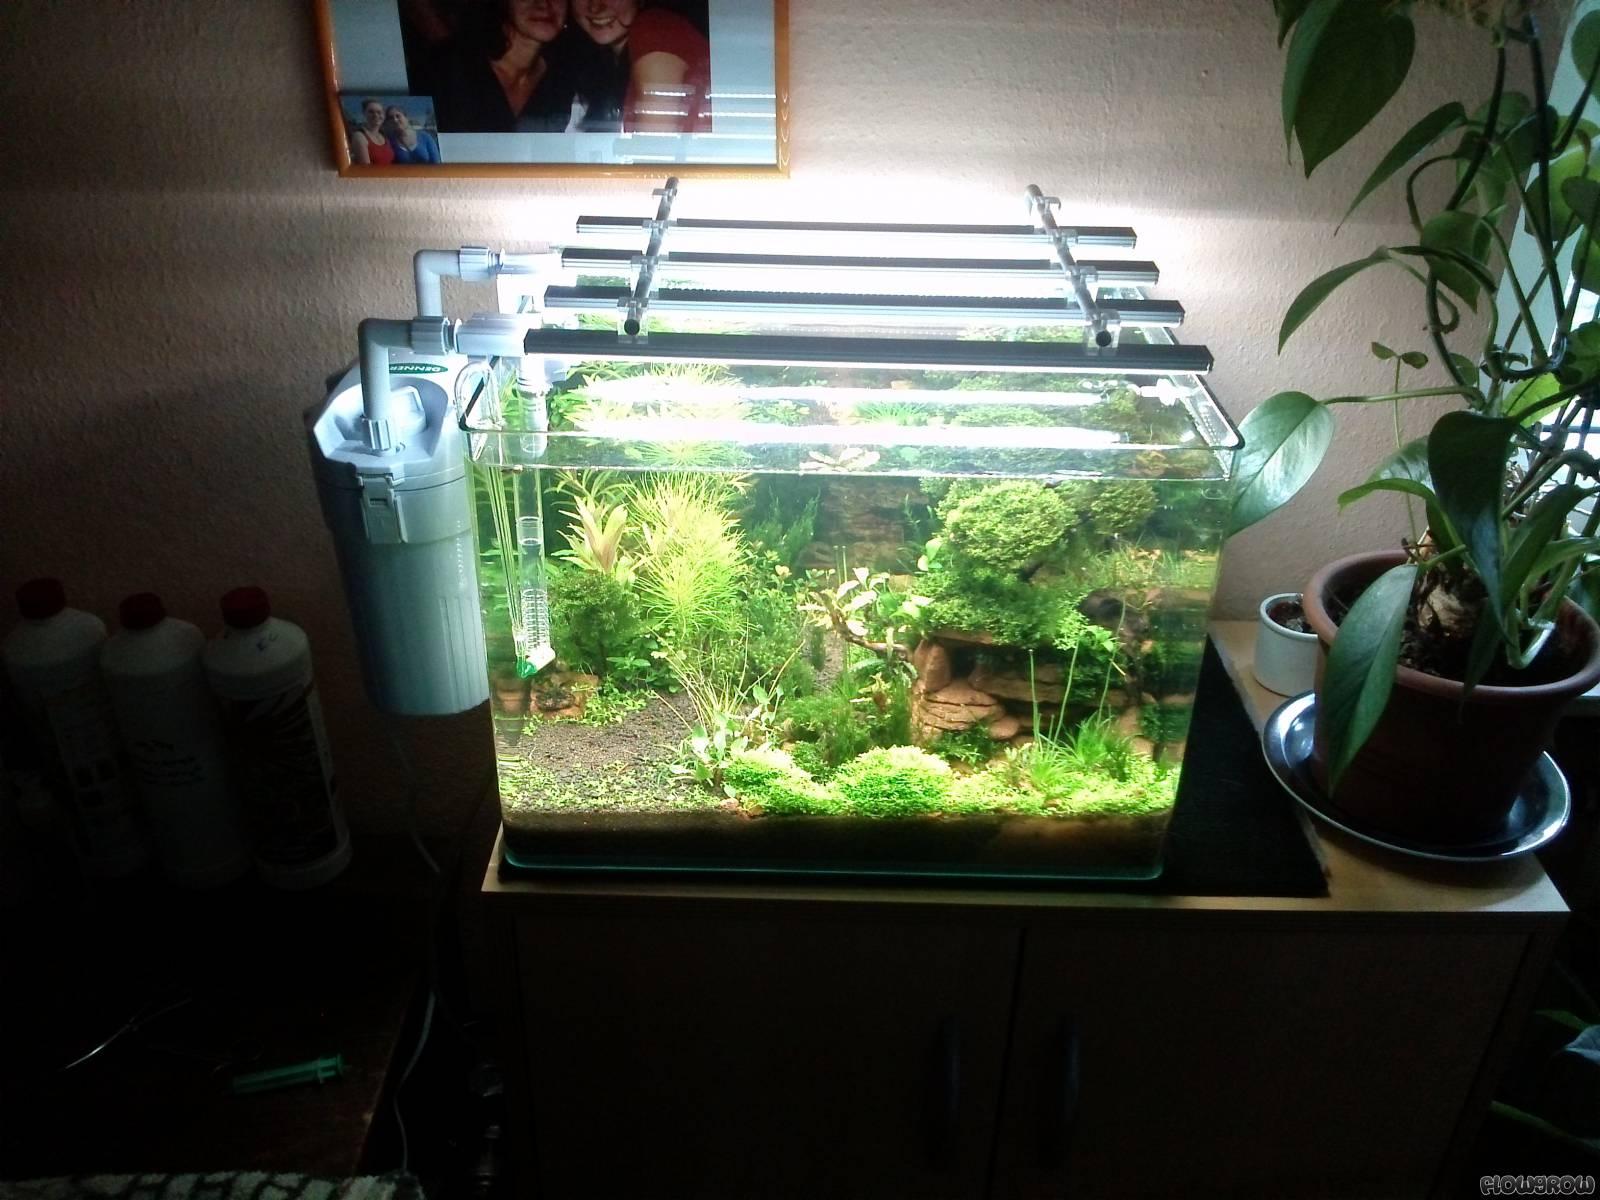 wasgau tal flowgrow aquascape aquarien datenbank. Black Bedroom Furniture Sets. Home Design Ideas